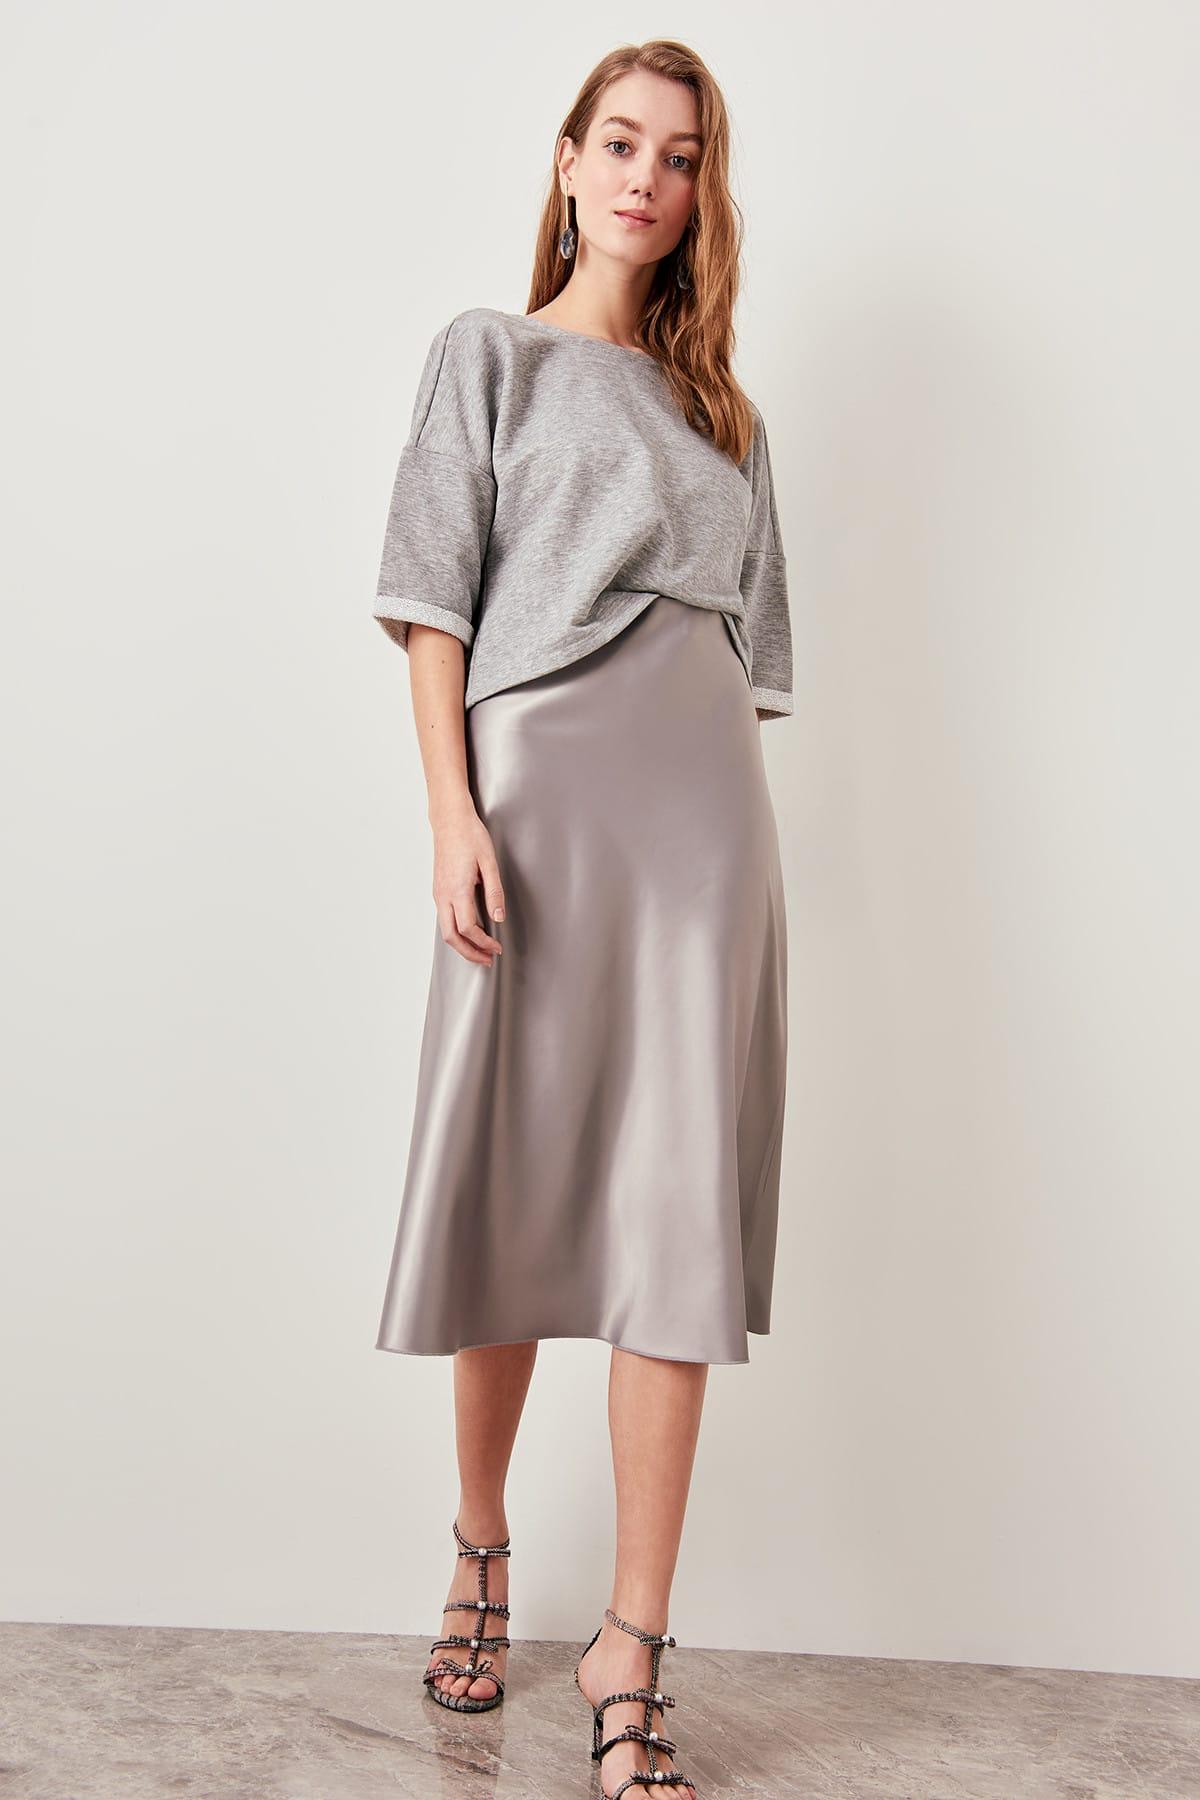 Женская шелковая сатиновая юбка Trendyol, серебристая, с высокой талией, до колена, StyleTOFSS19WX0013 Юбки      АлиЭкспресс